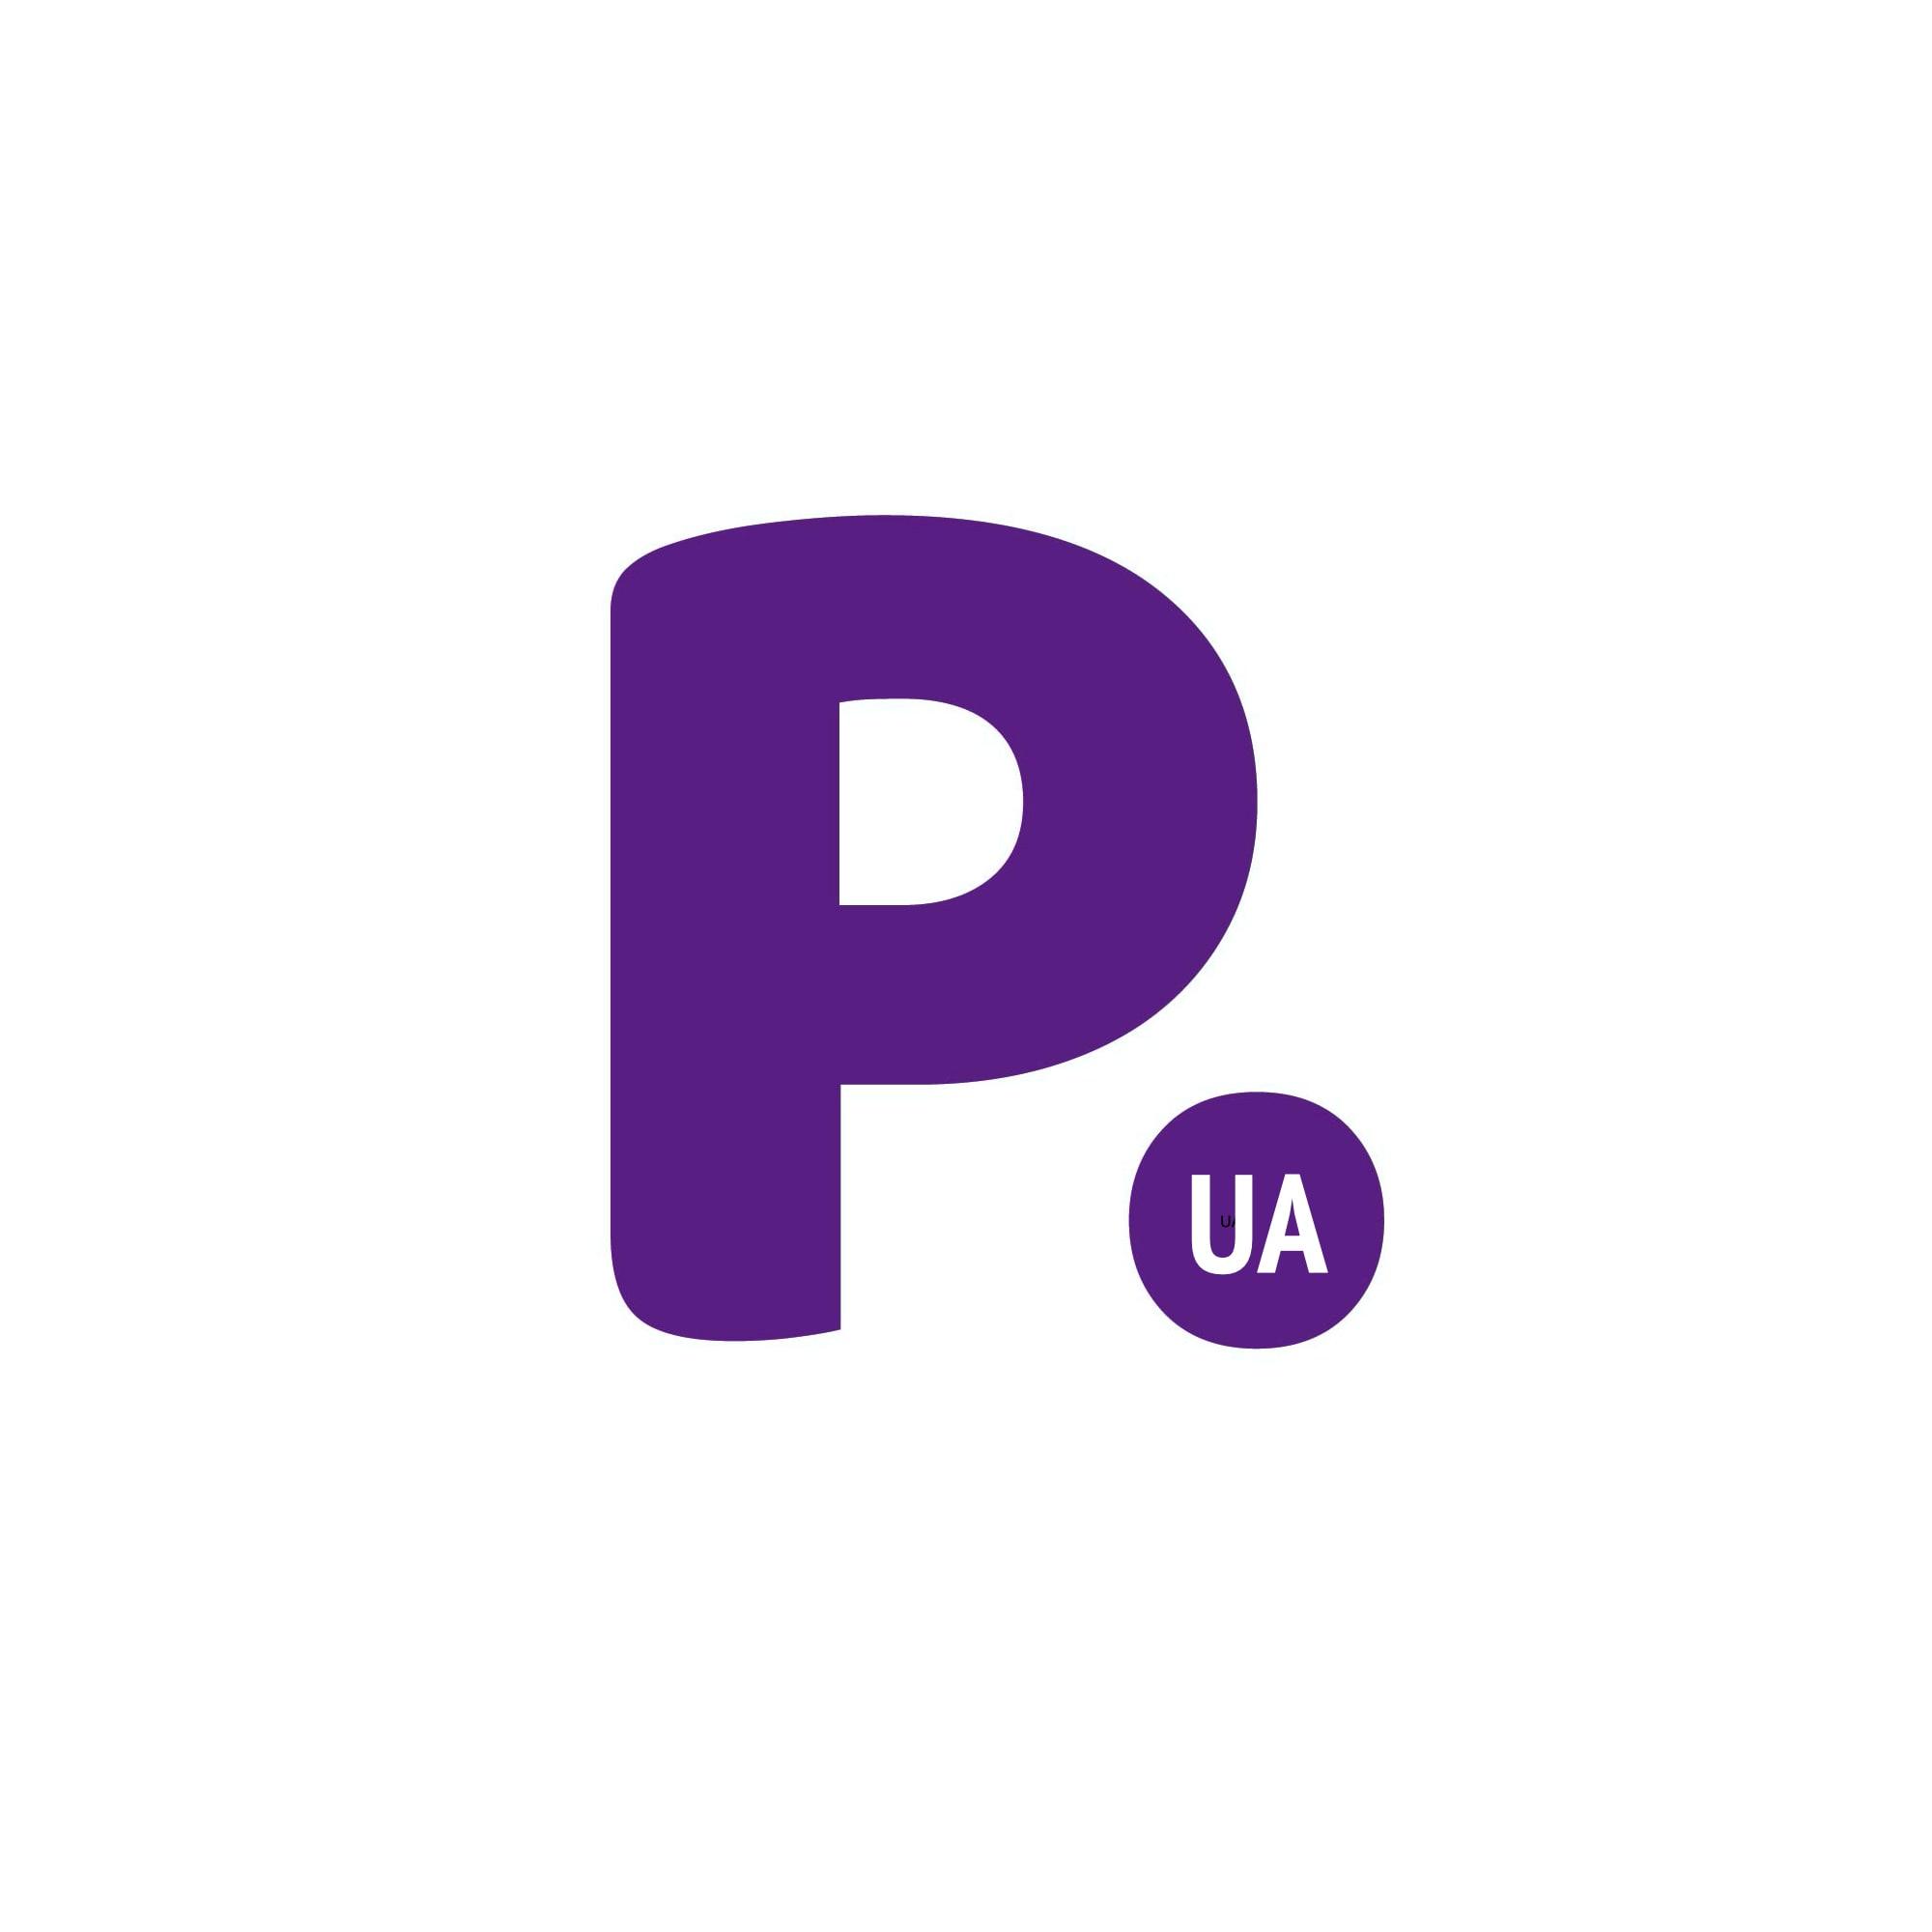 Принтер A4 Pantum P2500w (P2500W)